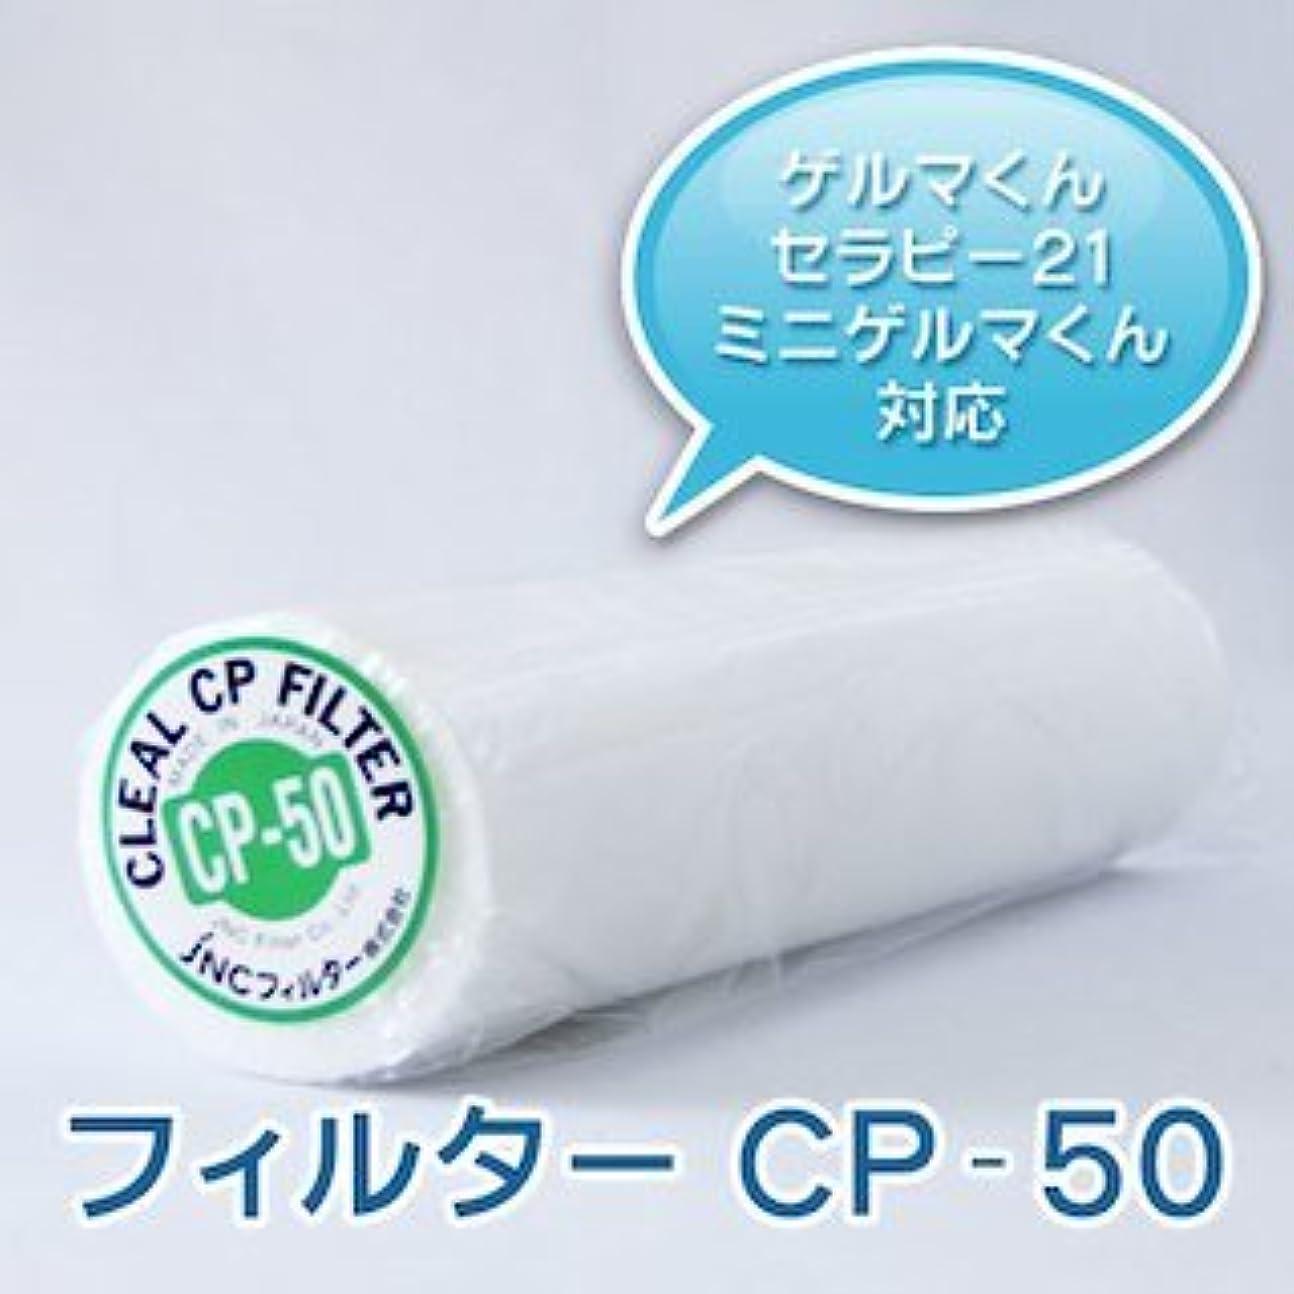 覆す高度な苛性【ゲルマ フィルター CP-50】 1本  ゲルマニウム 温浴器 ゲルマくん/セラピー21 対応